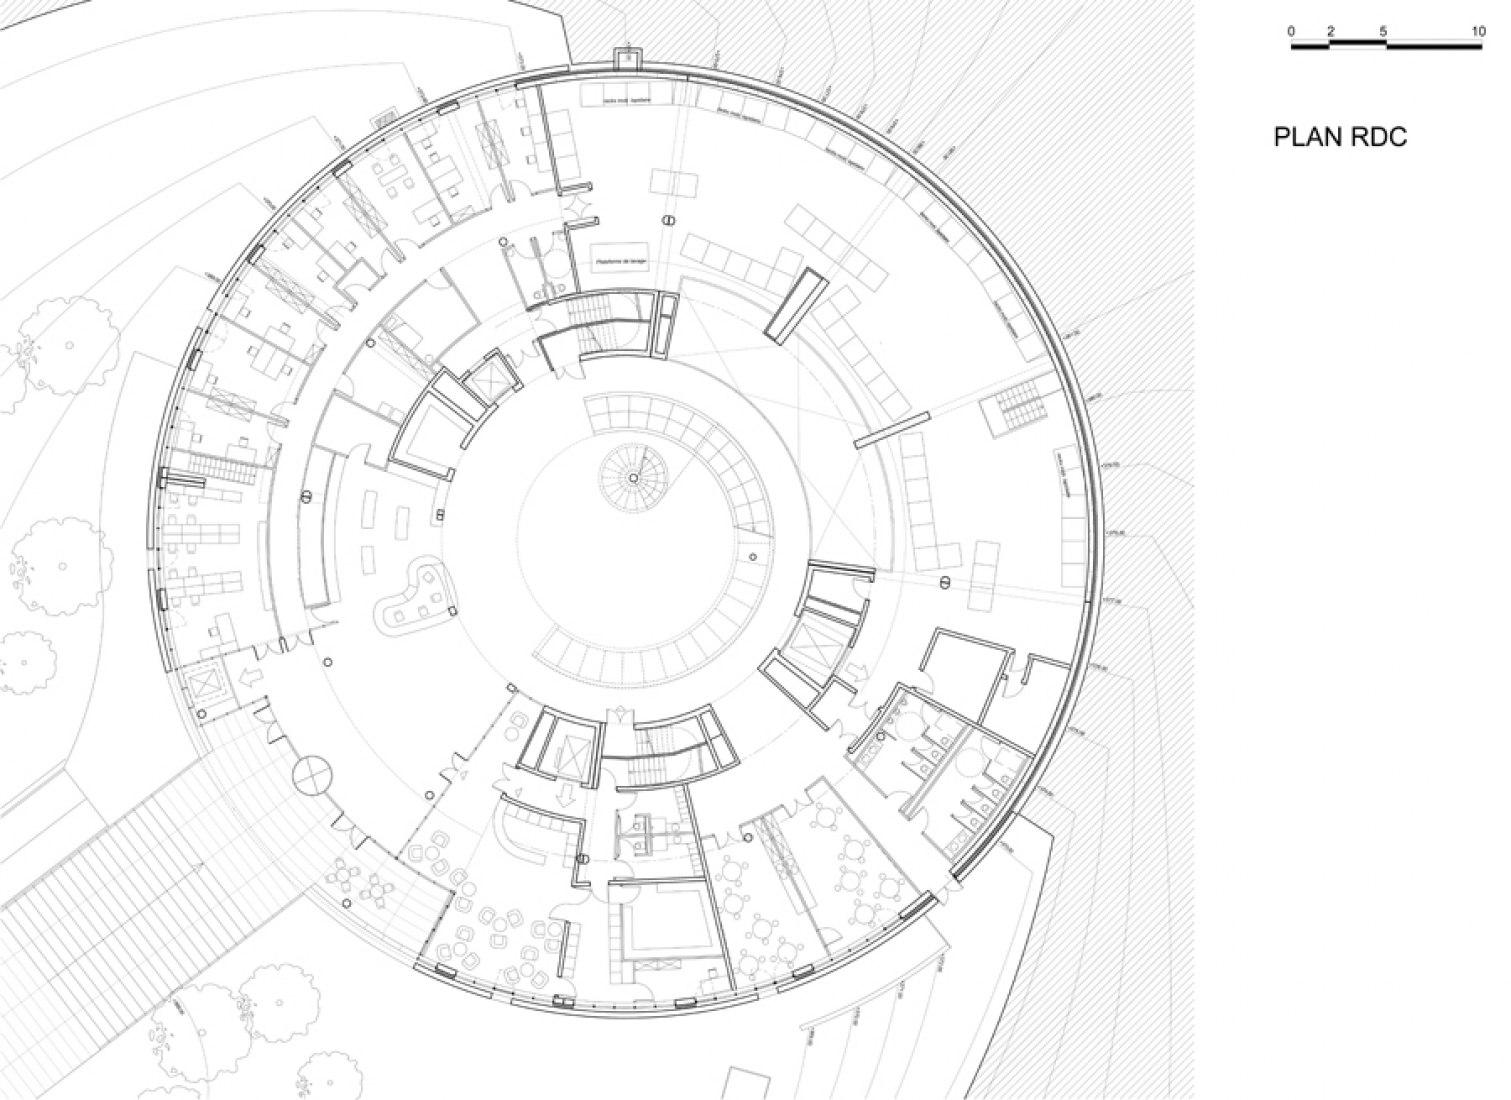 Plano de planta de accesos. © por Bernard Tschumi Architects.